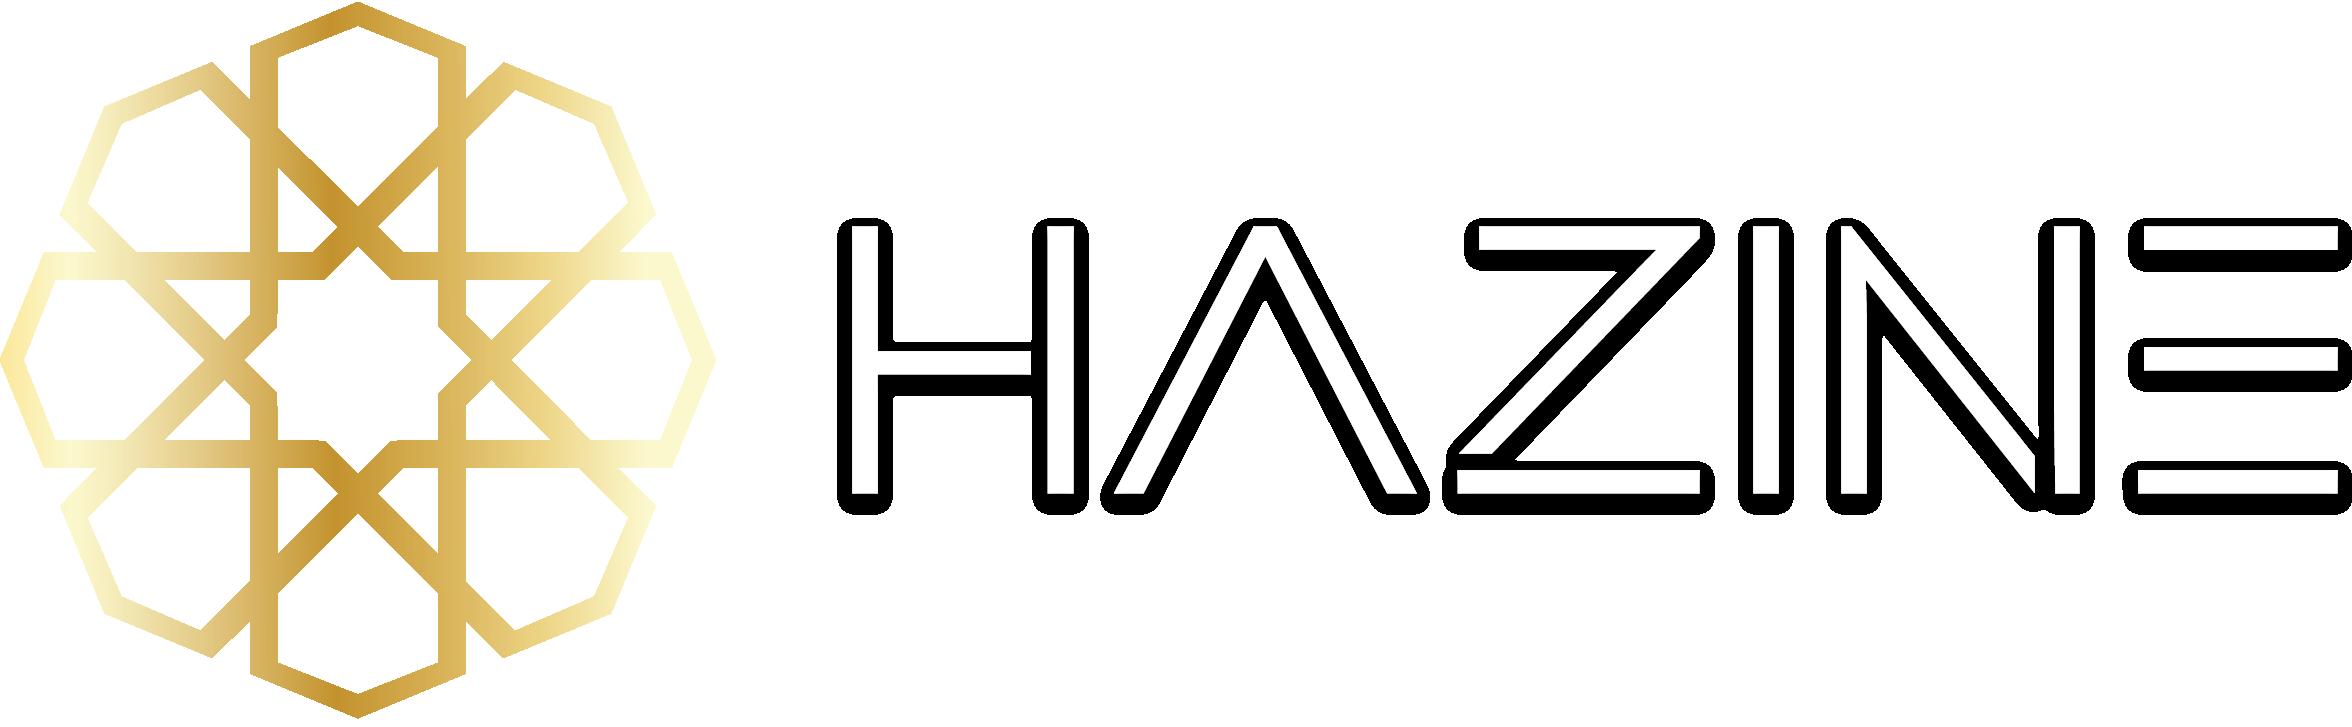 Hazine Bexleyheath